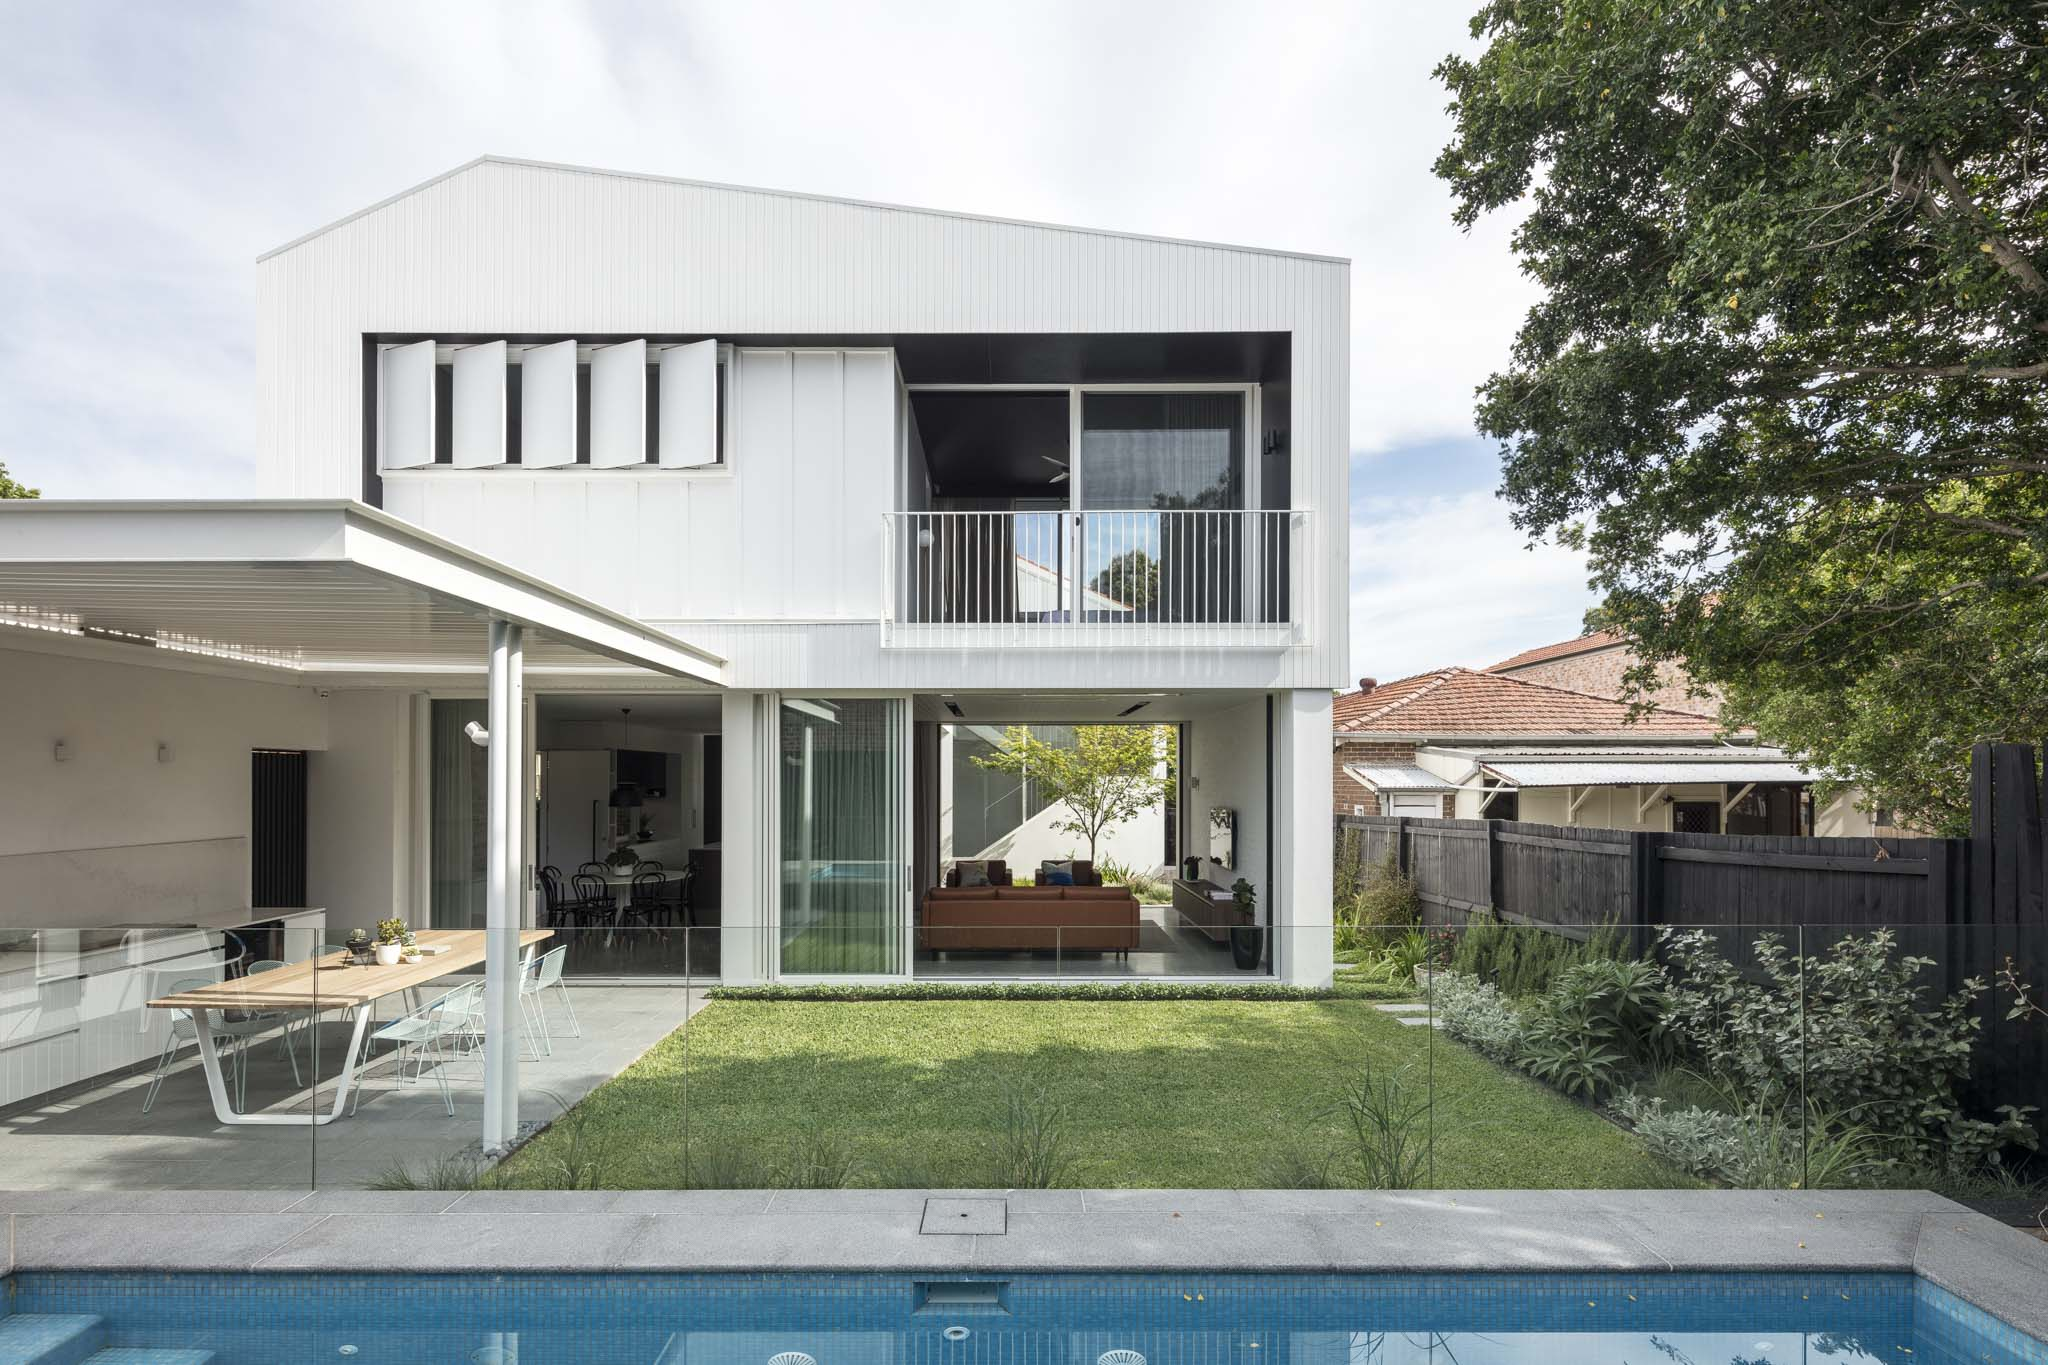 House Howley by Mark Szczerbicki